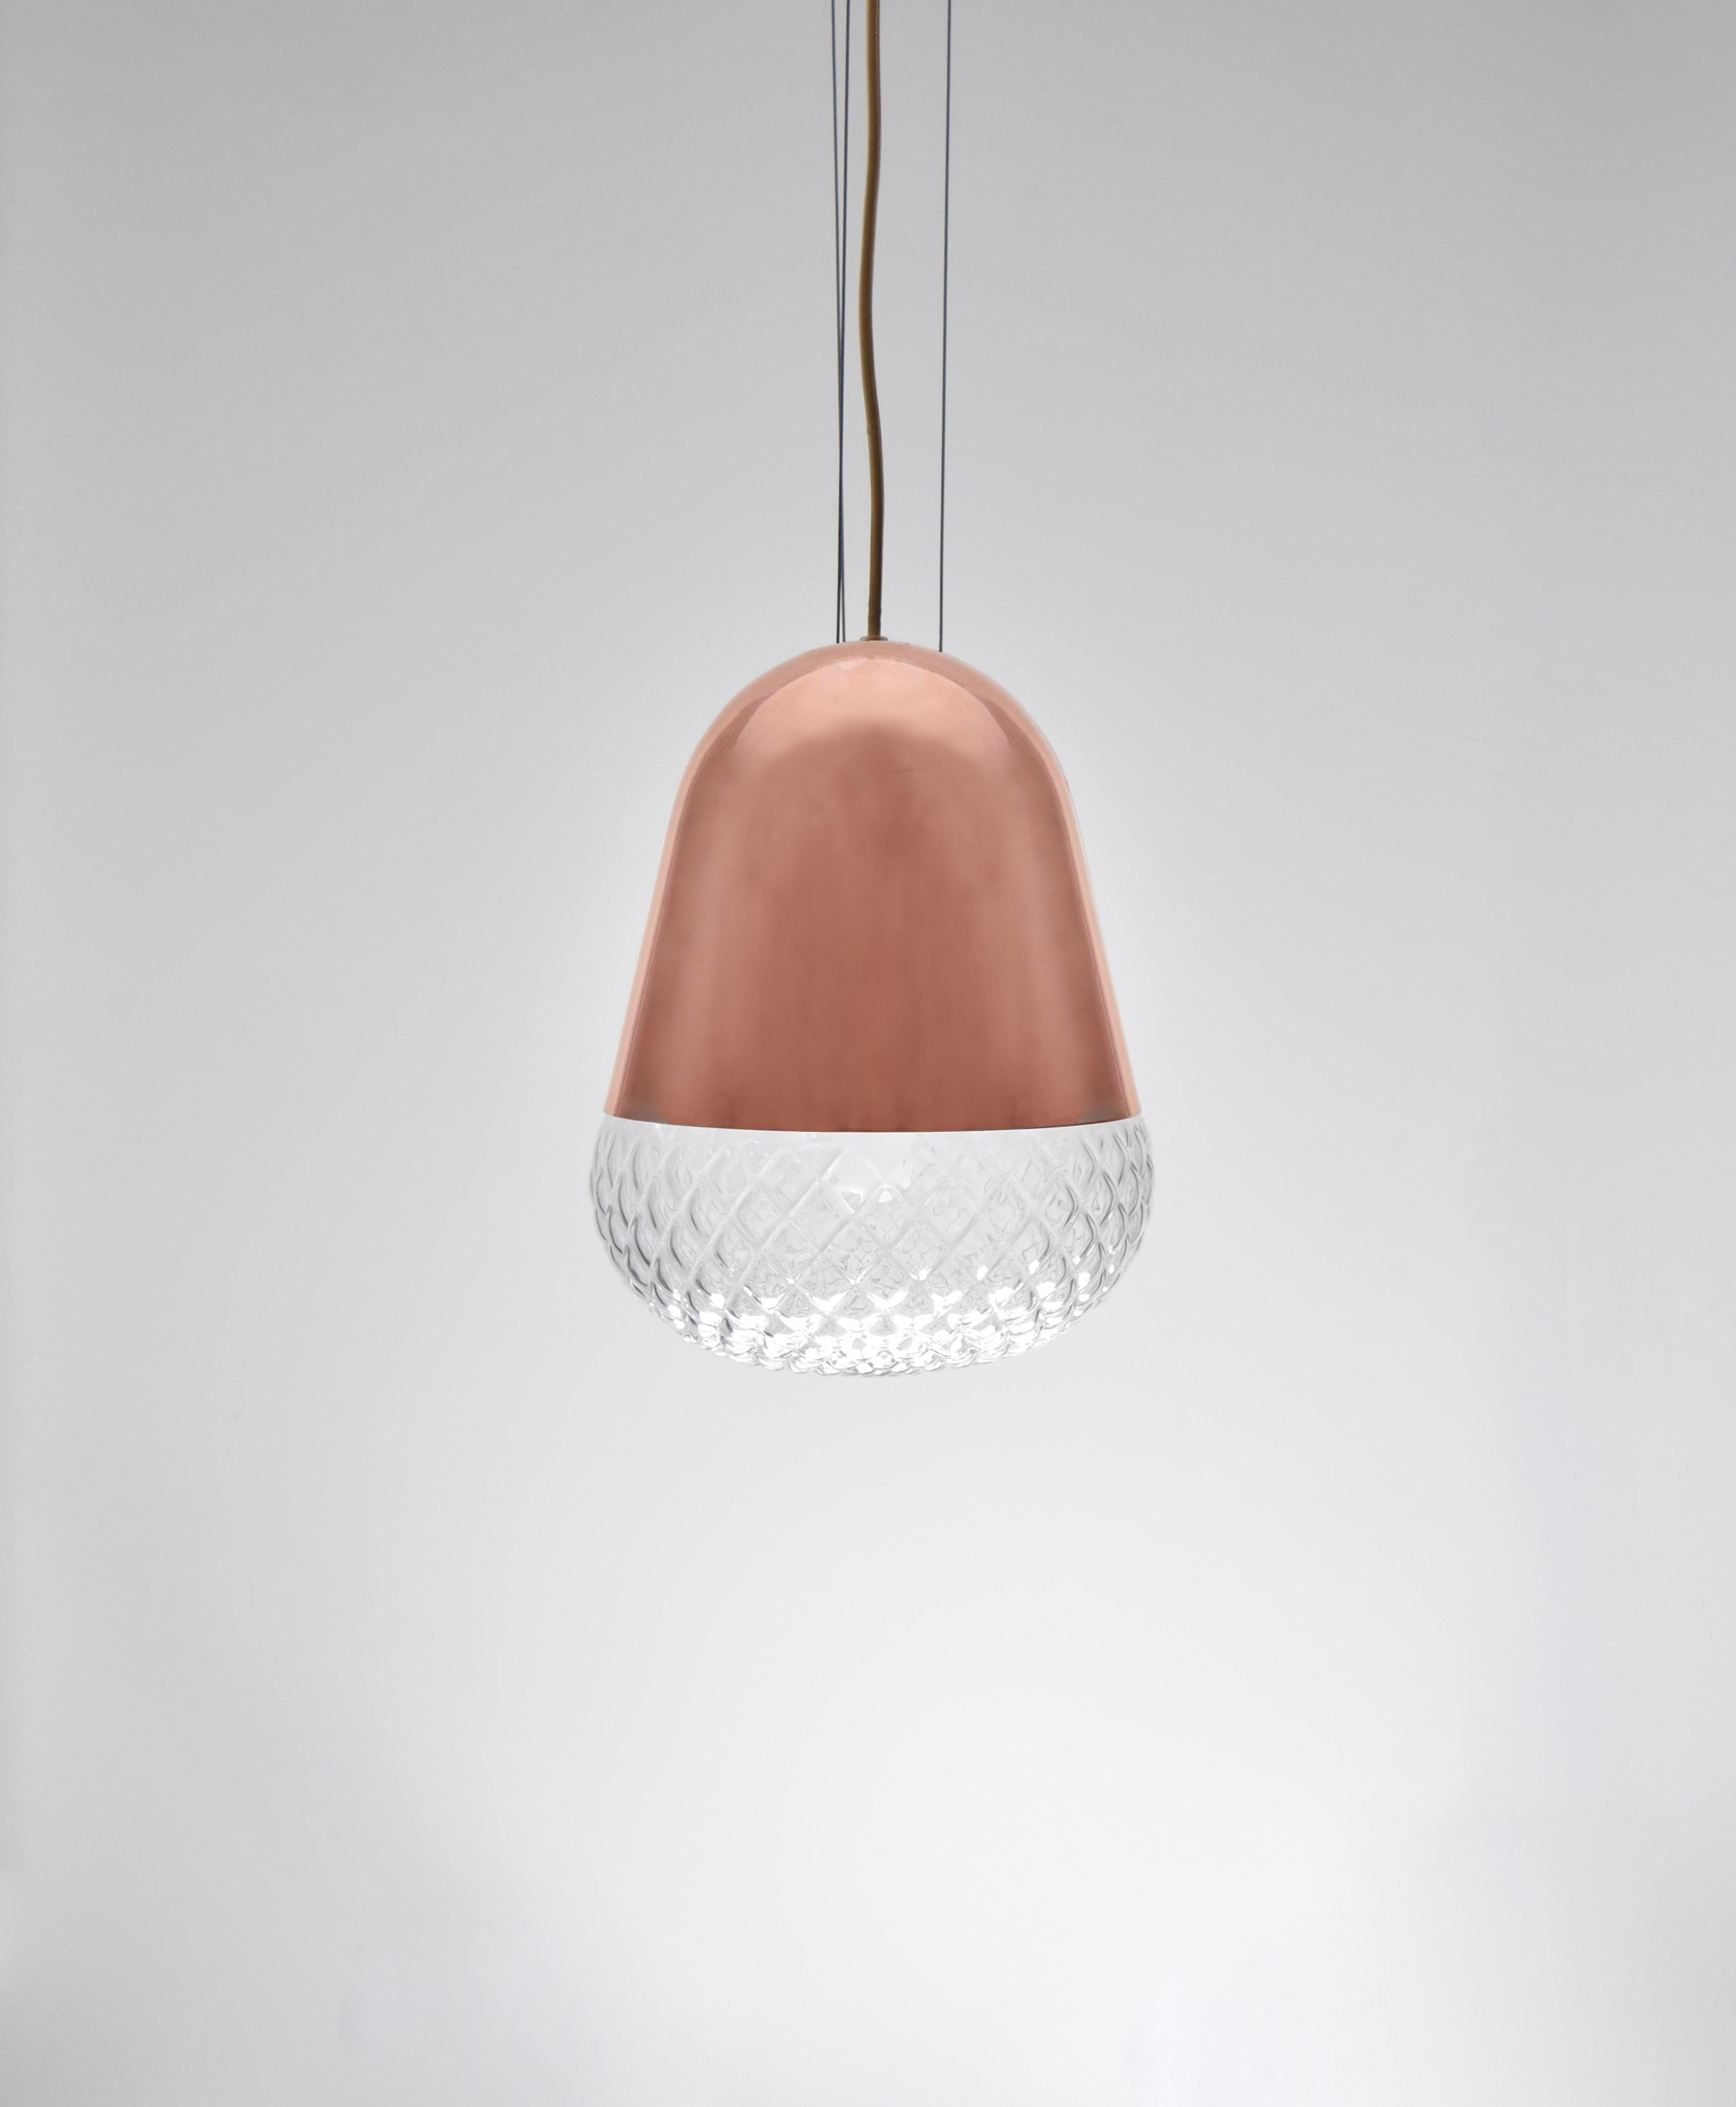 紅銅玻璃吊燈-BNL00118 0